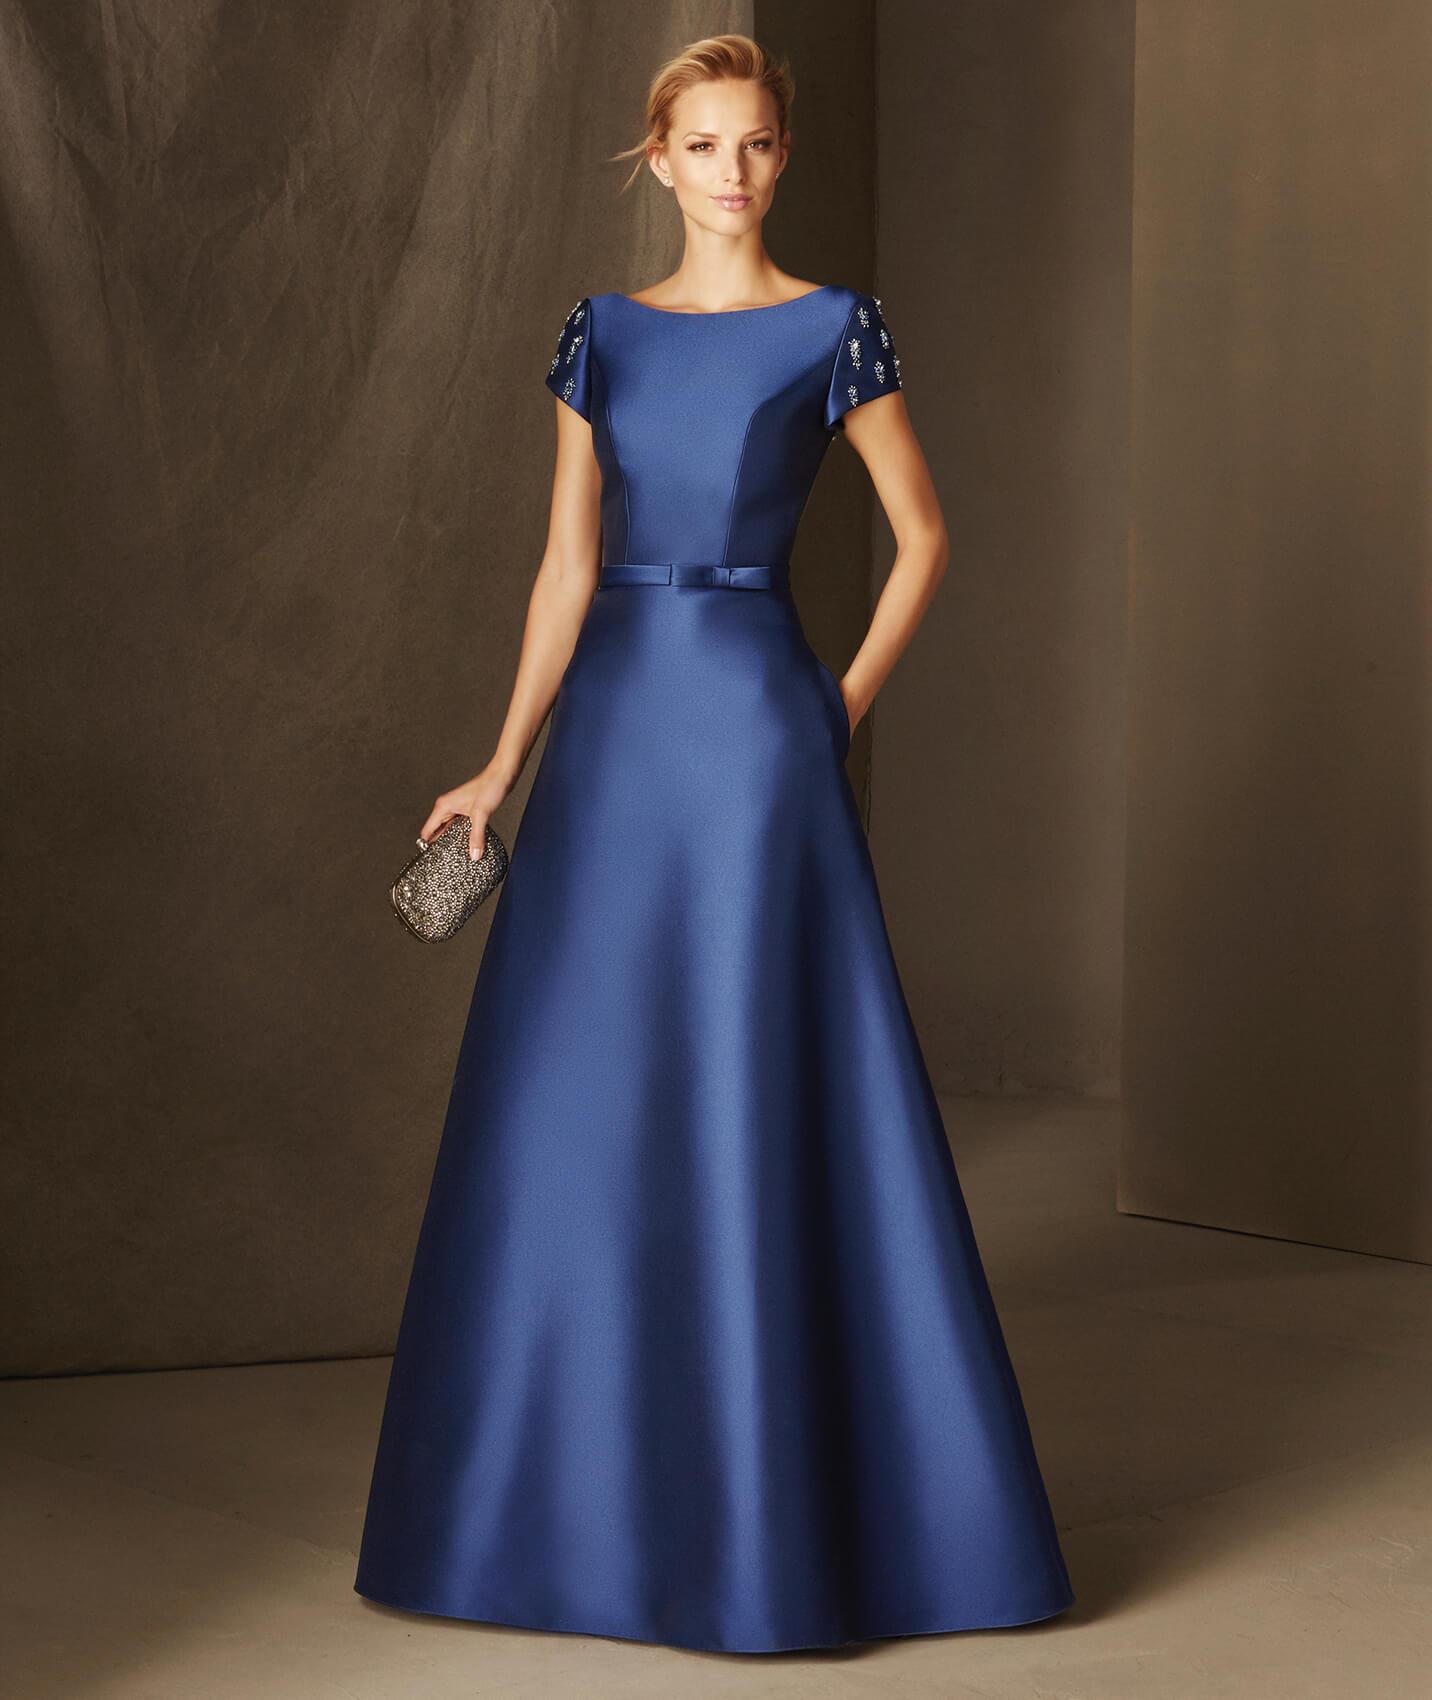 Psiu Noiva = Os Melhores Vestidos de Casamento Para a Mãe da Noiva